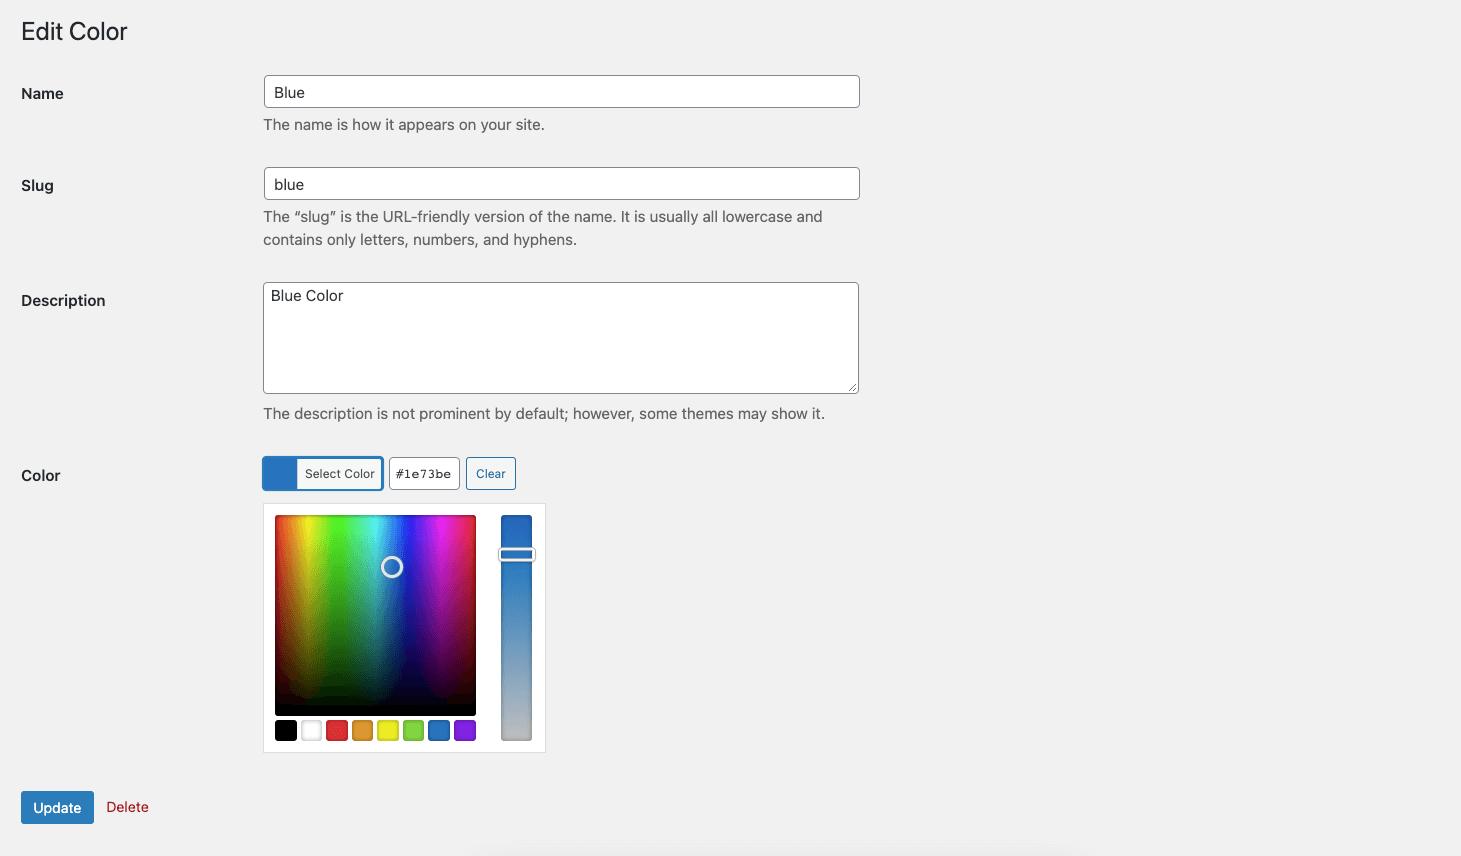 Assign a Color